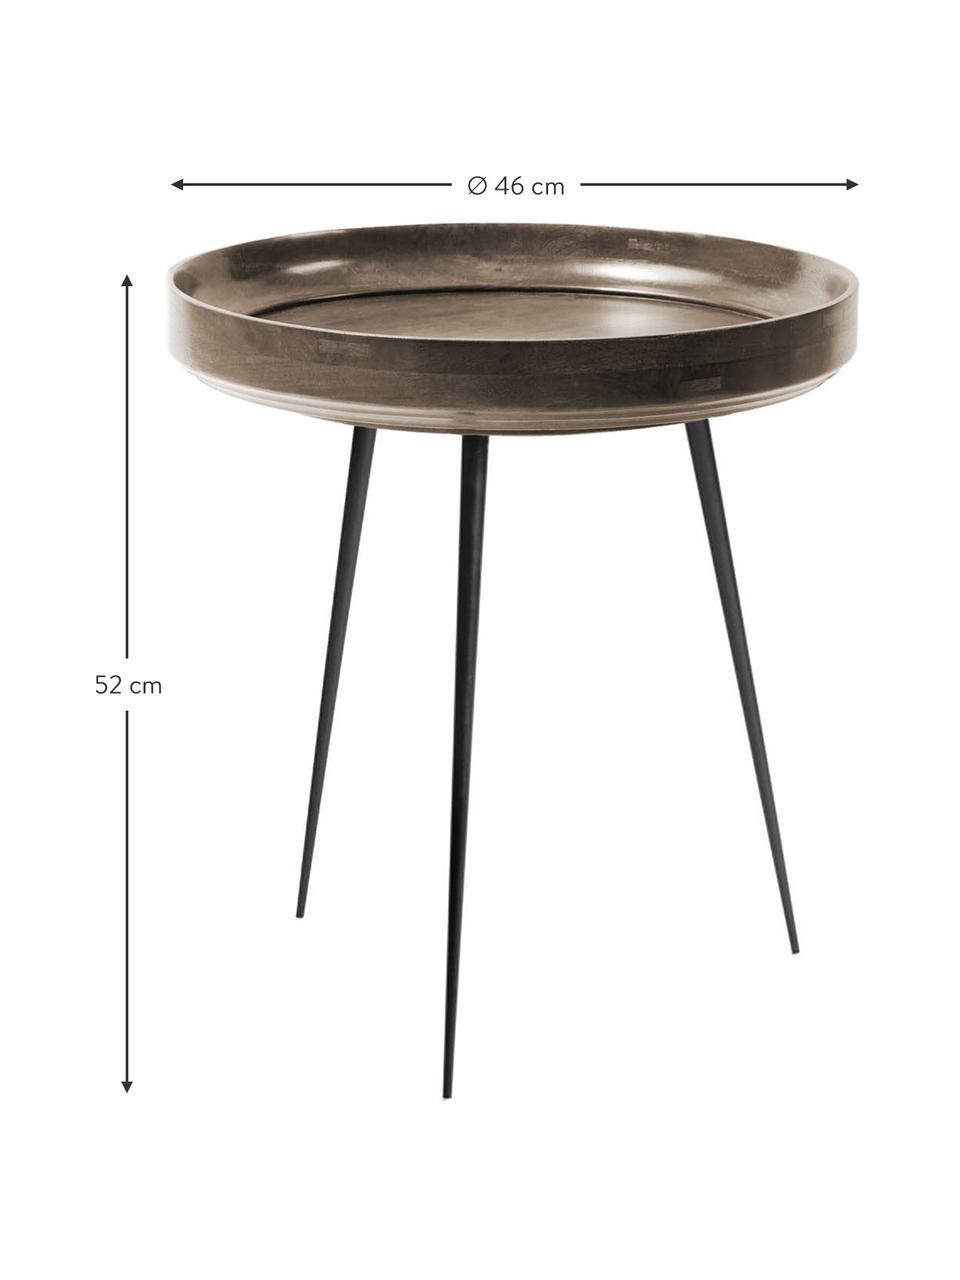 Tavolino in legno di mango Bowl Table, Piano d'appoggio: legno di mango, verniciat, Gambe: acciaio, verniciato a pol, Grigio scuro, nero, Ø 46 x Alt. 52 cm